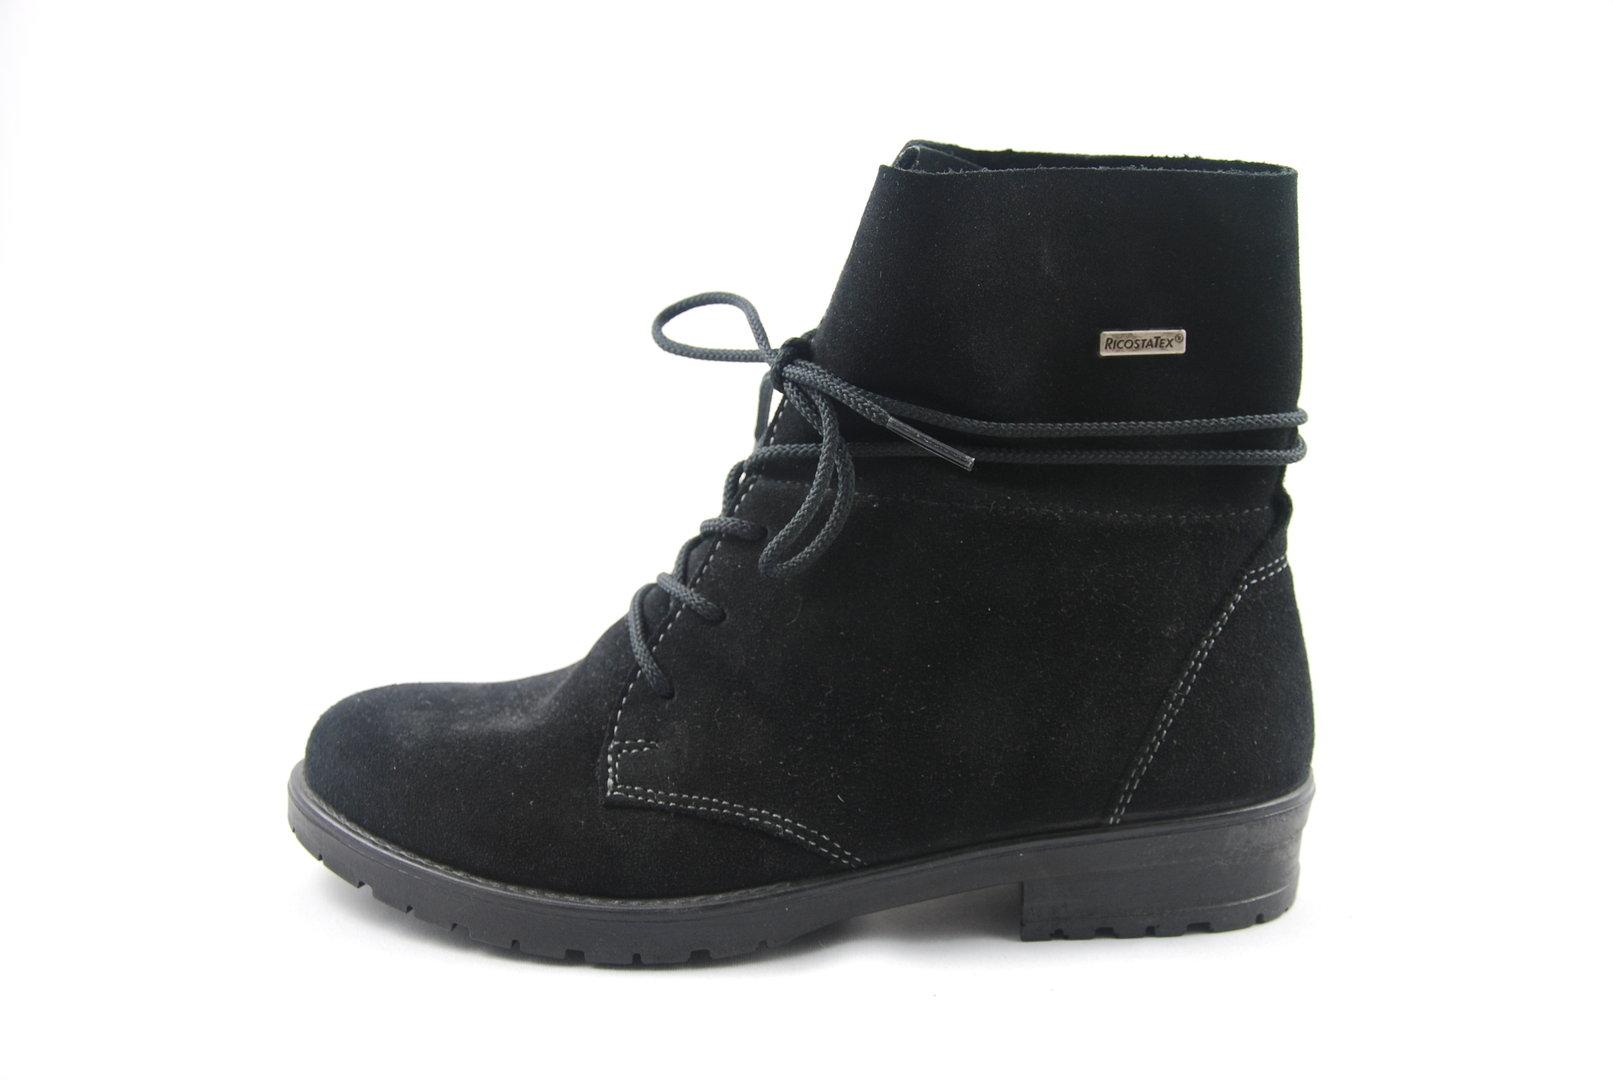 abgeholt Brandneu heiß-verkaufendes echtes Ricosta Stiefel Farah, schwarz